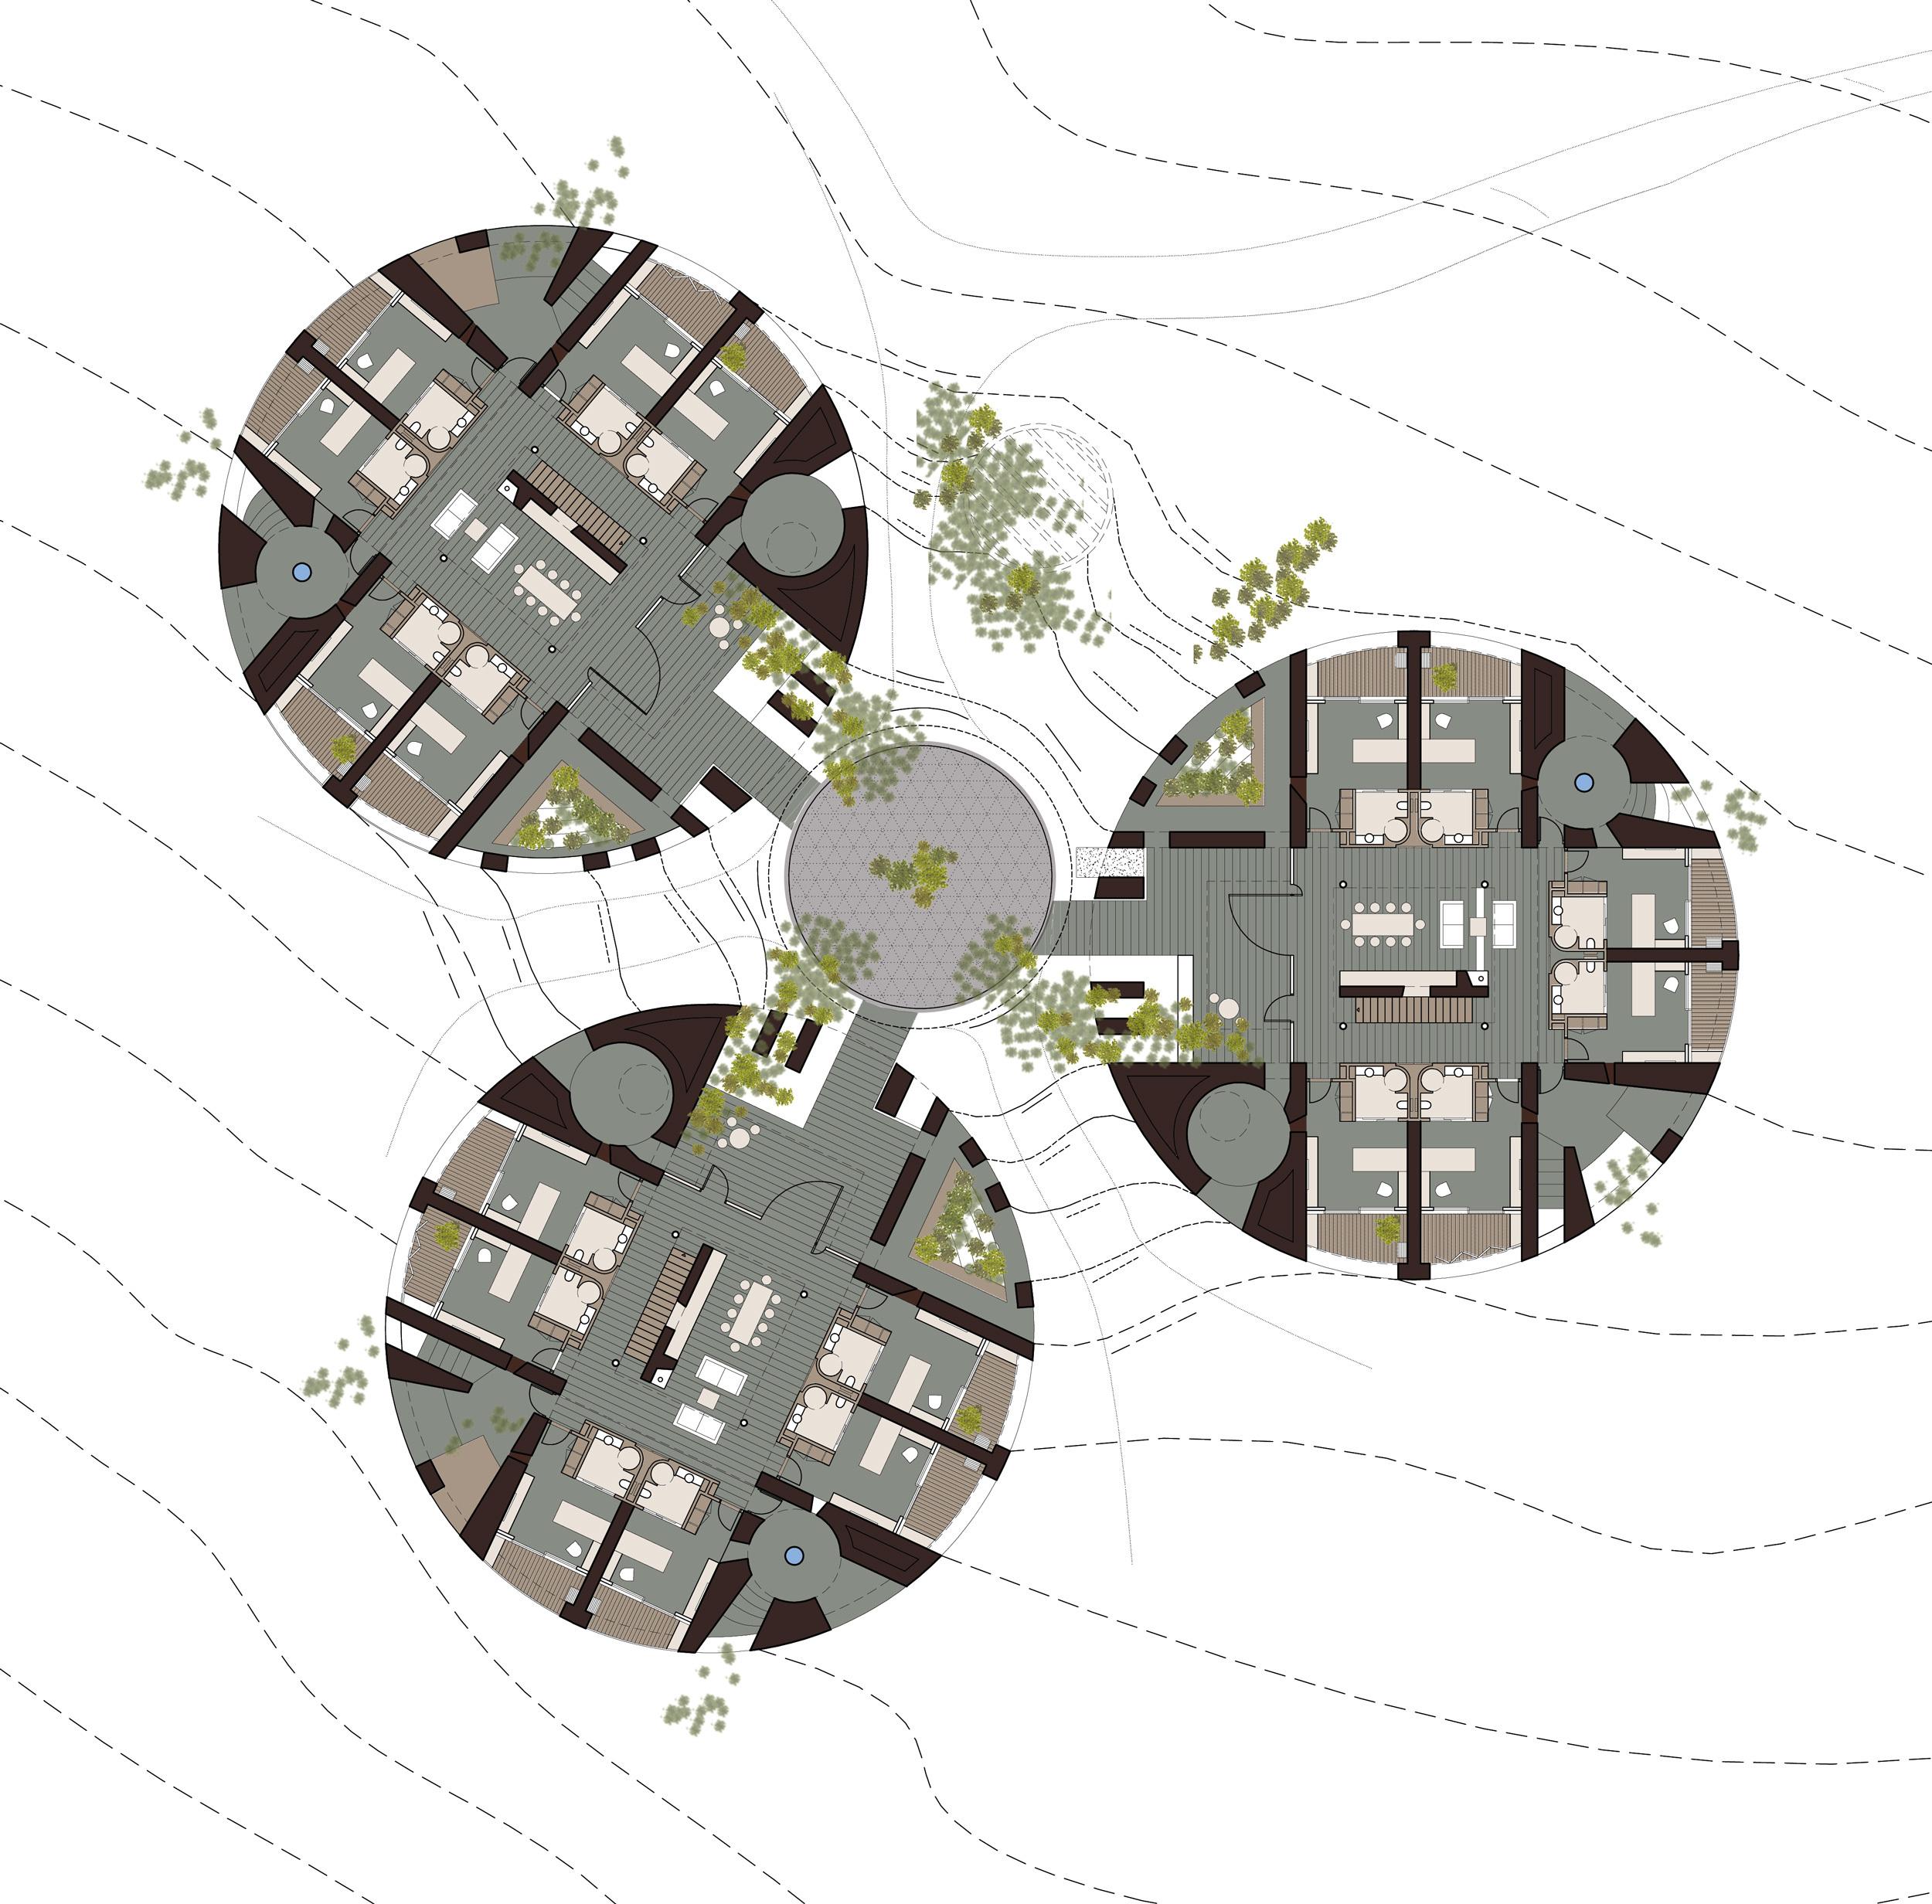 ESO-plan-A2final_rna.jpg